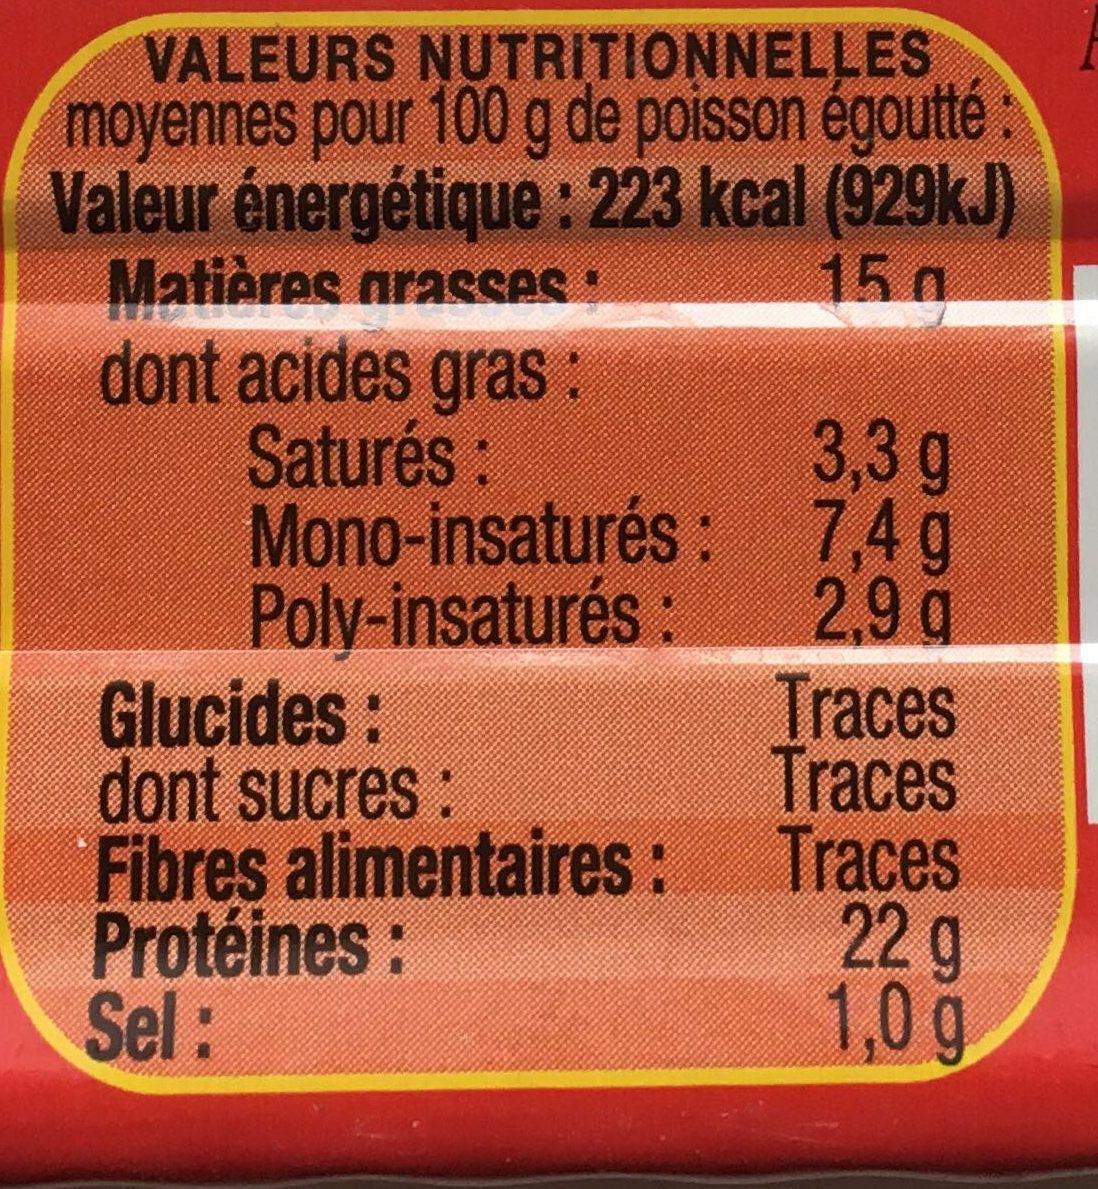 Sardines à l'Ancienne à l'Huile d'Olive vierge extra (Label Rouge) - Nutrition facts - fr